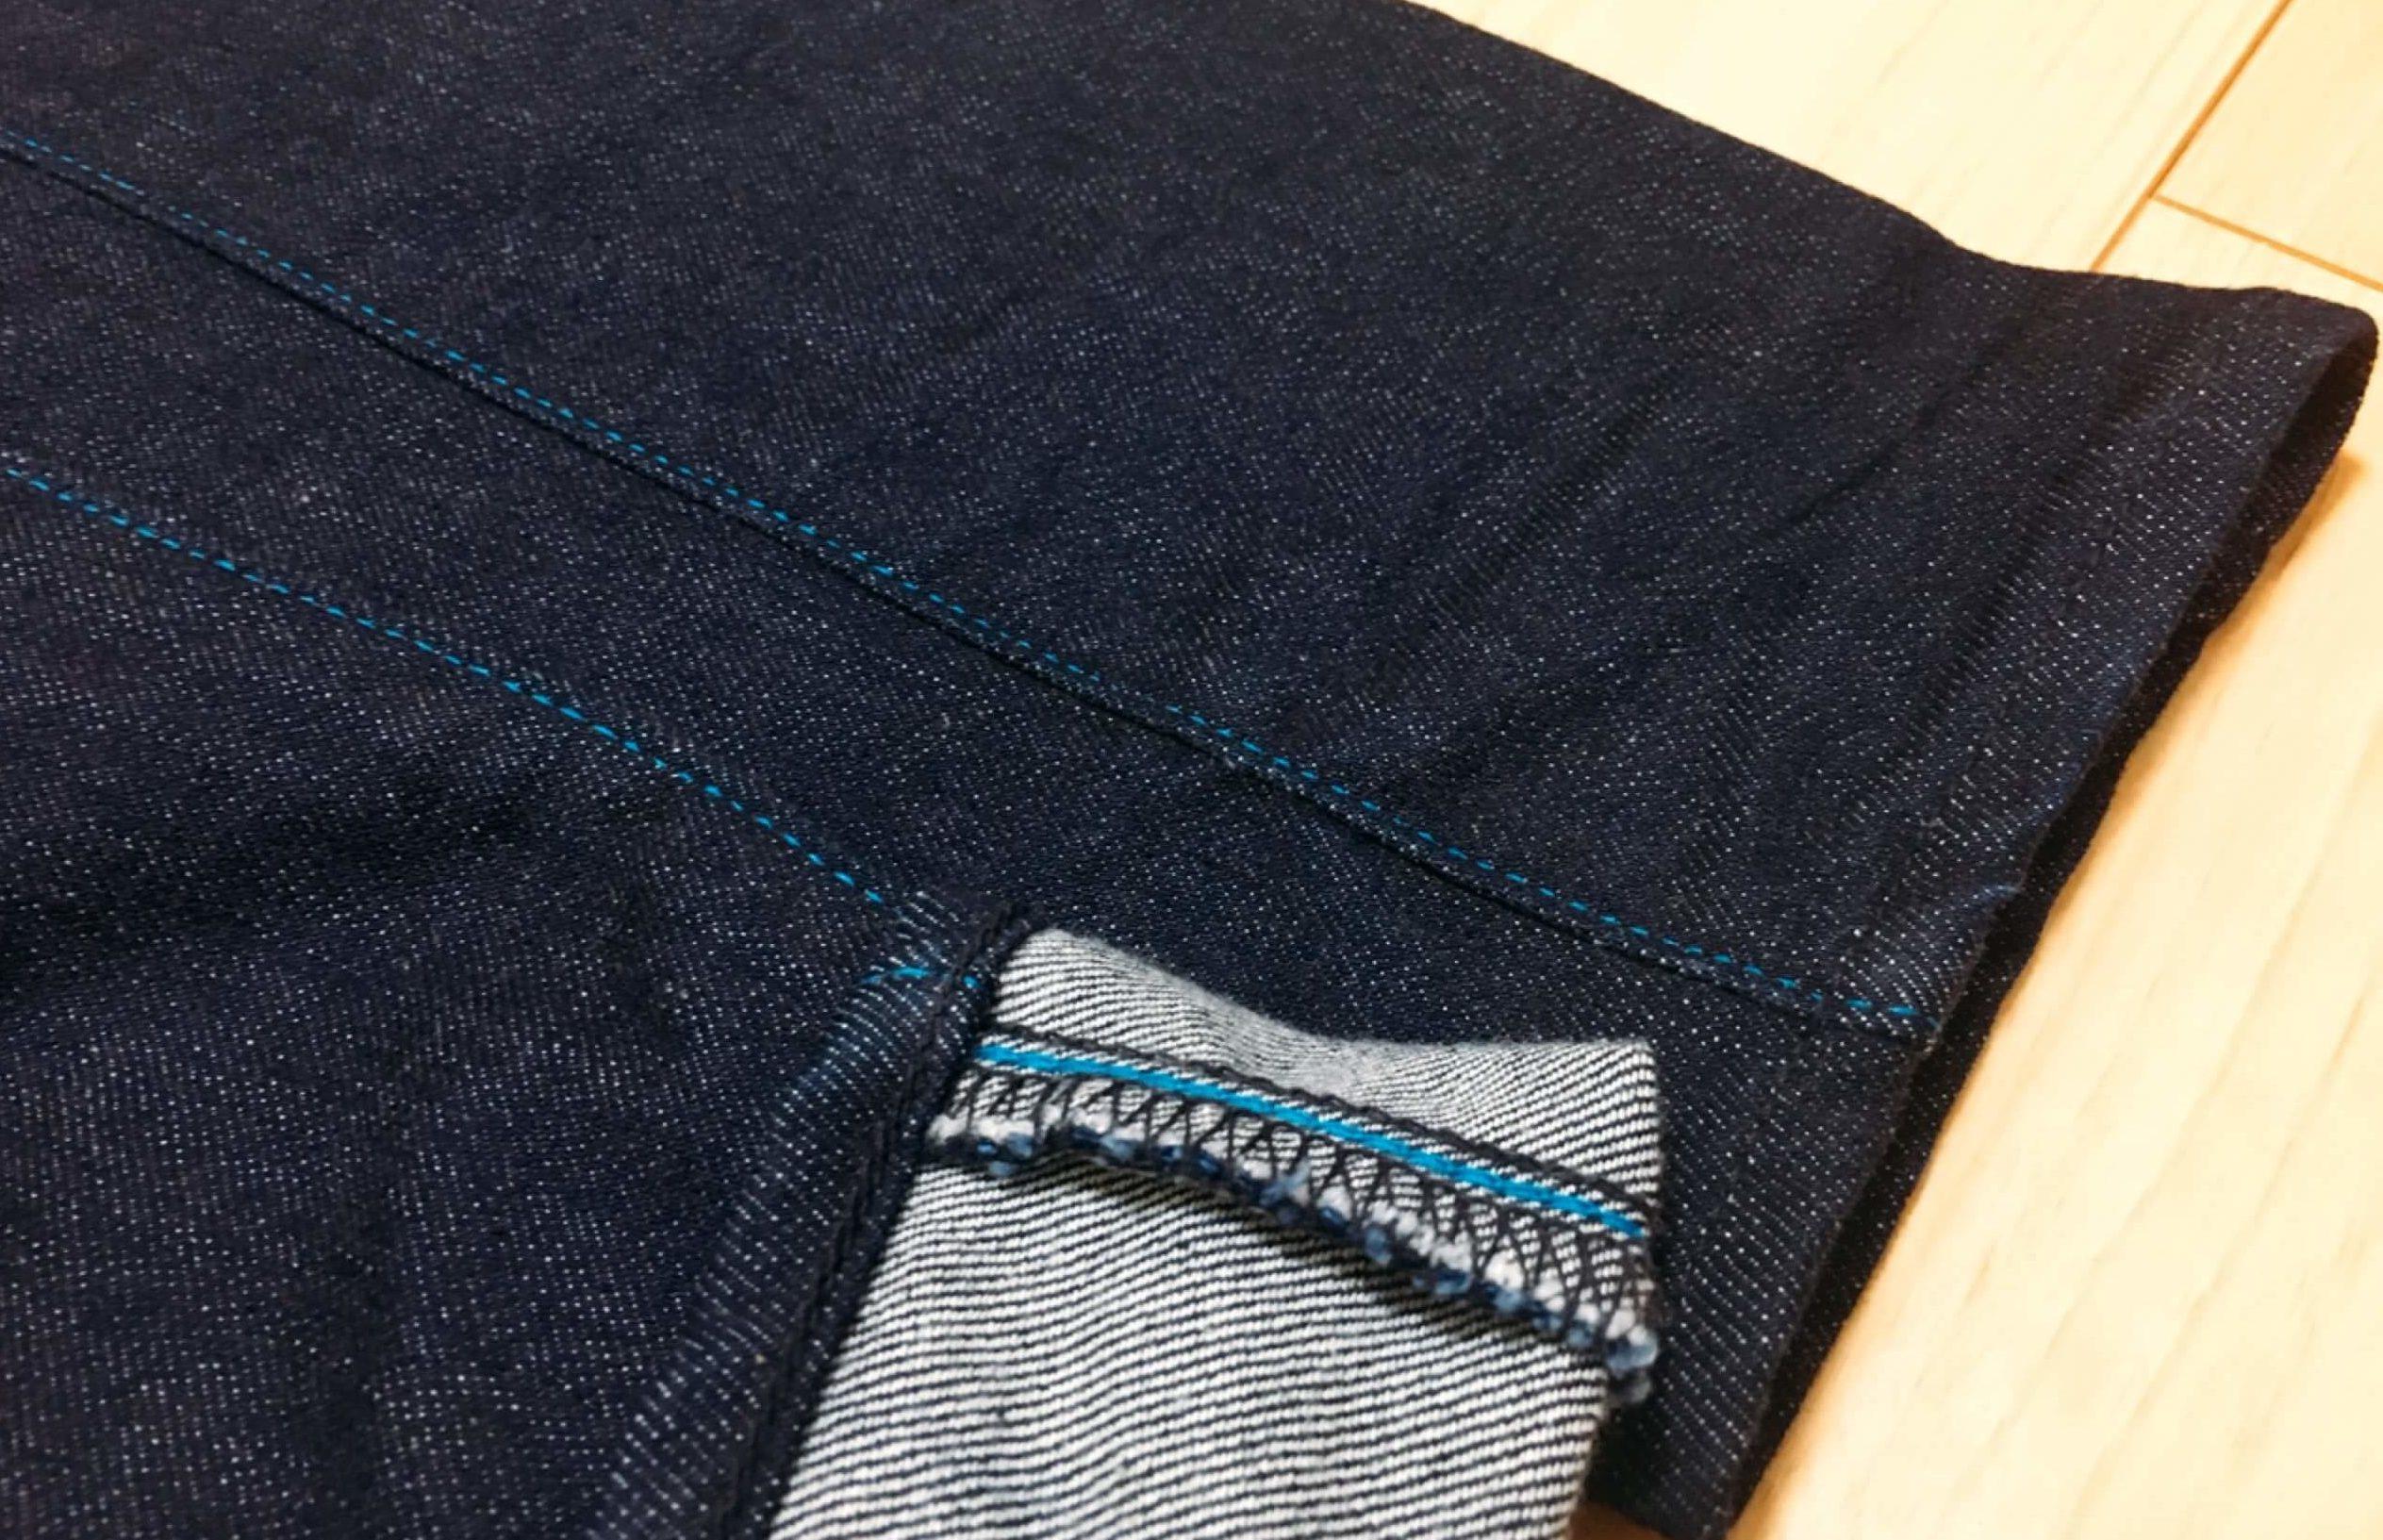 ジャパンブルージーンズのインシームの糸